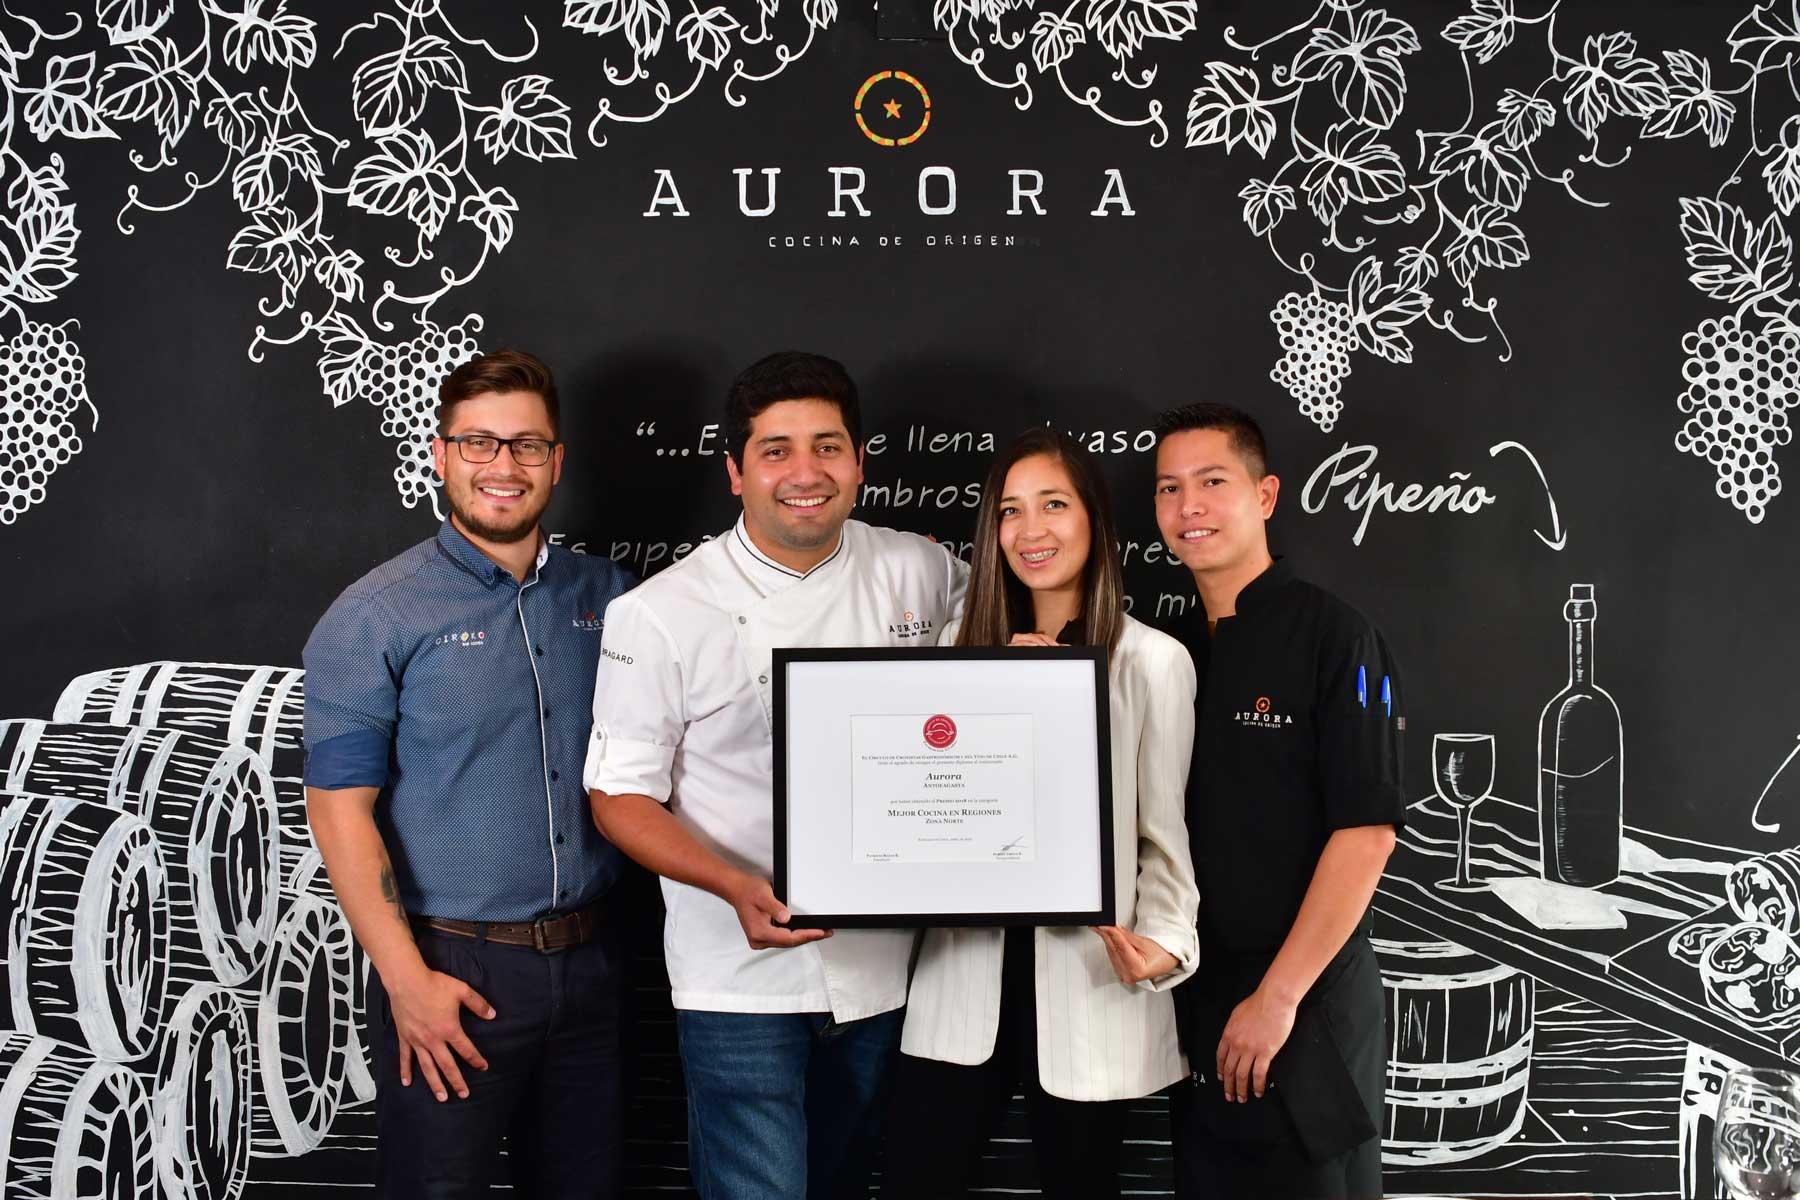 Aurora, la mejor cocina del norte